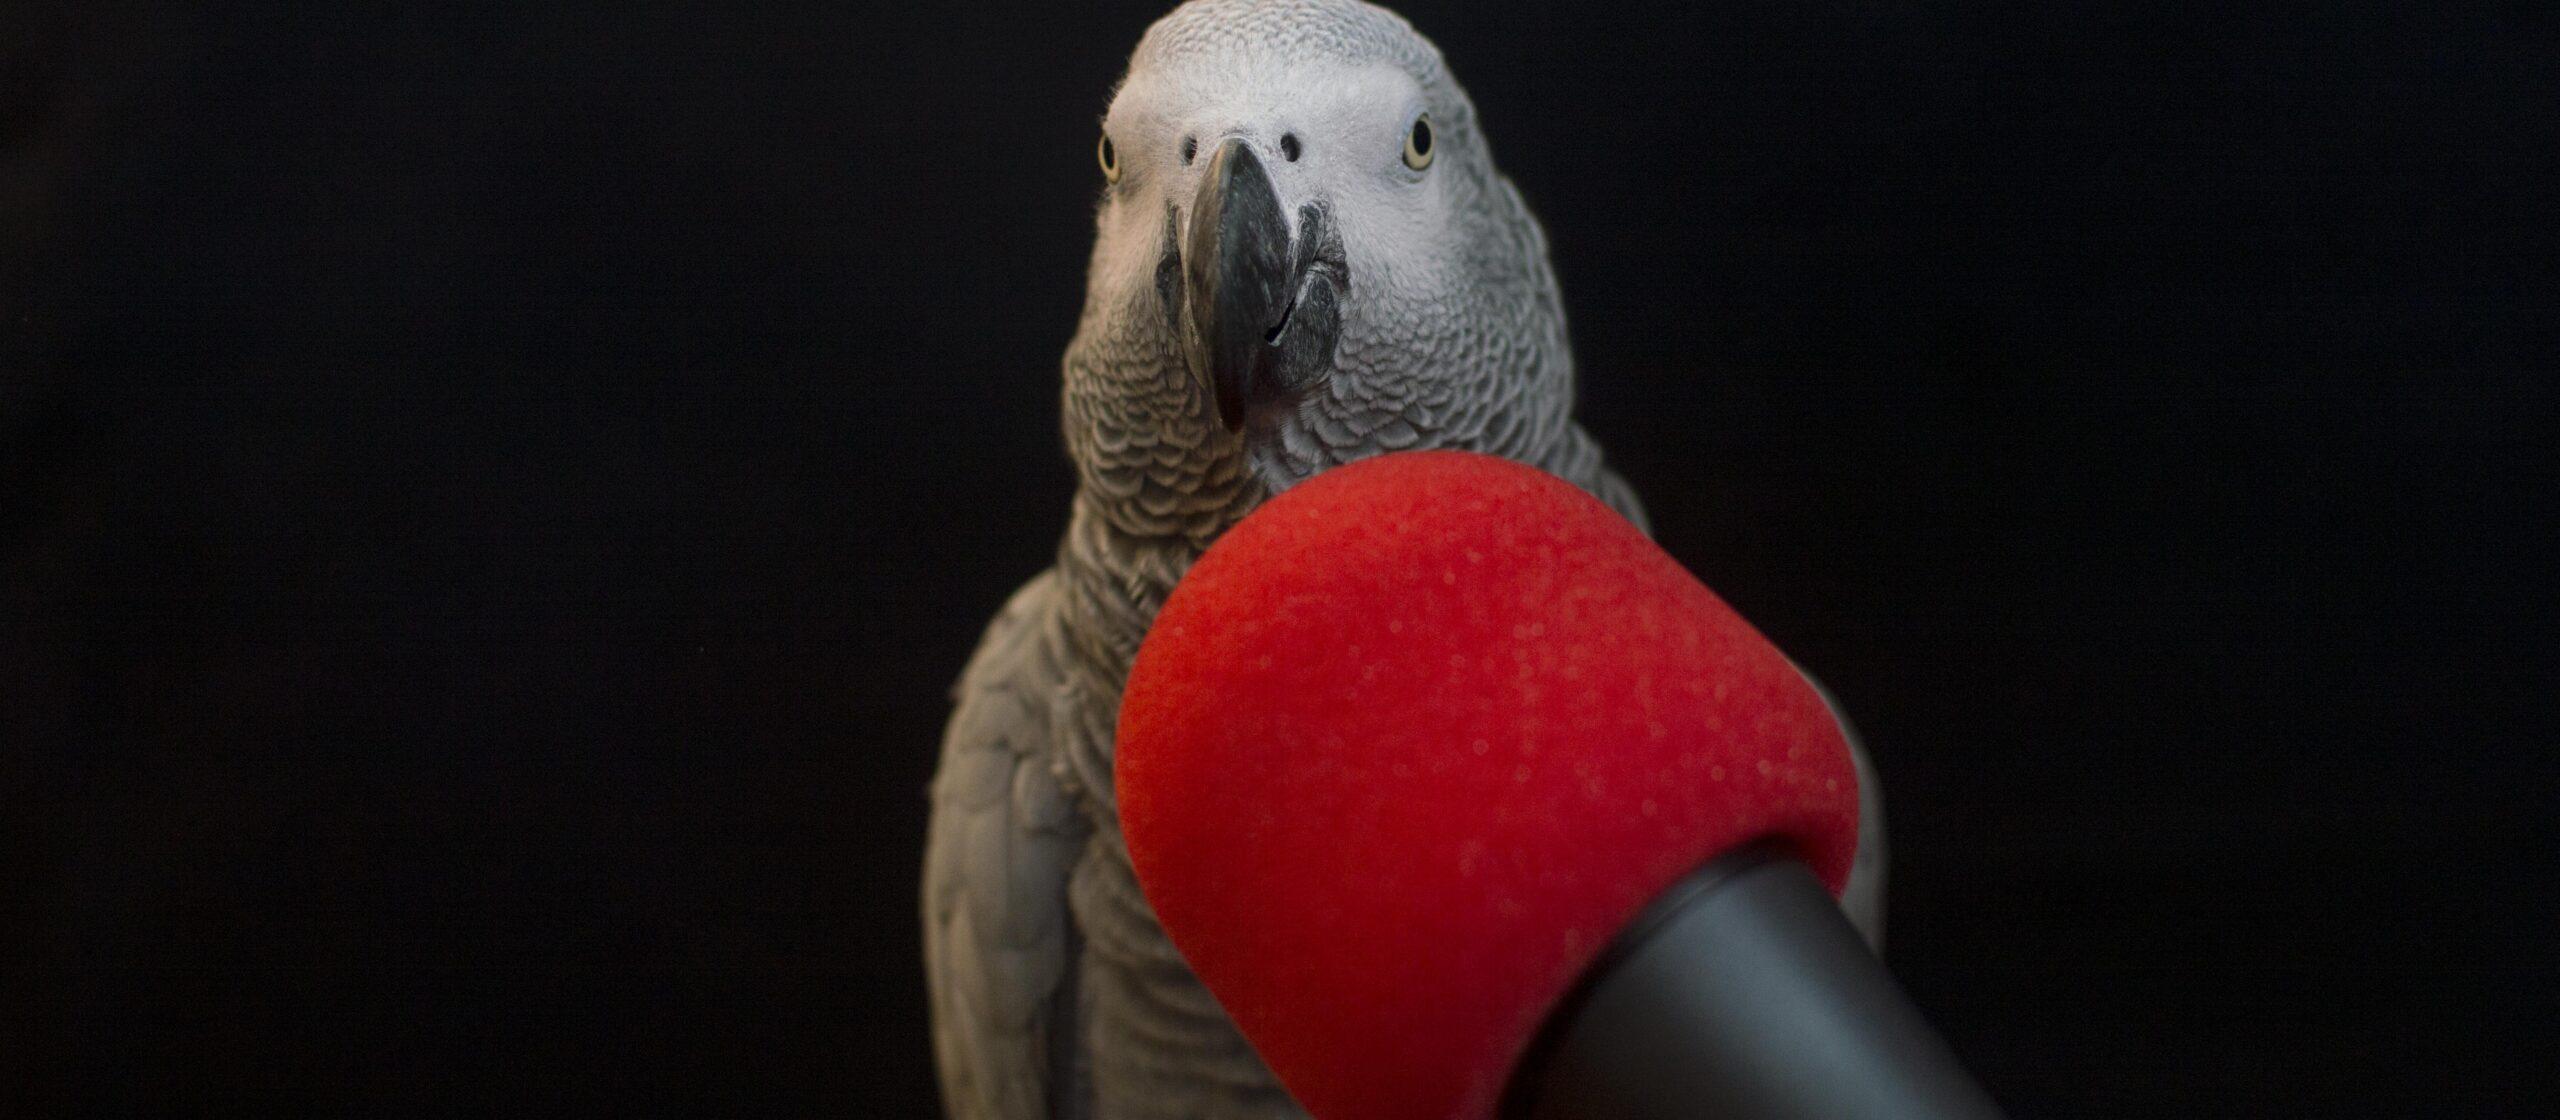 Parrot show 4